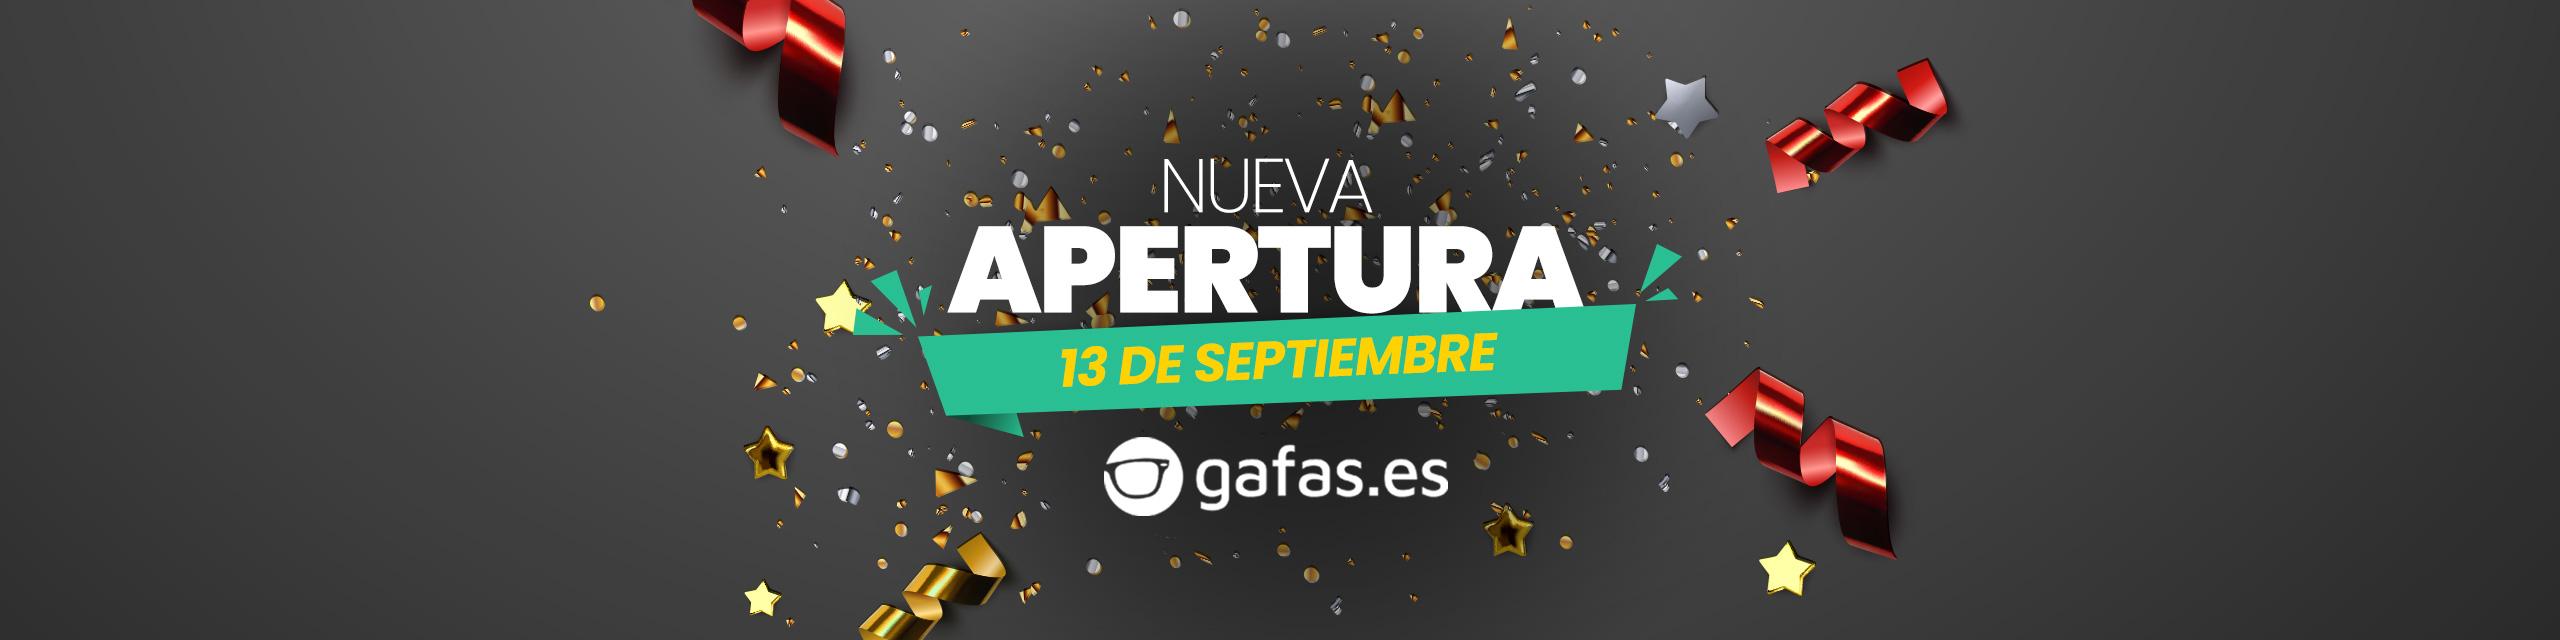 nueva apertura Málaga Factory